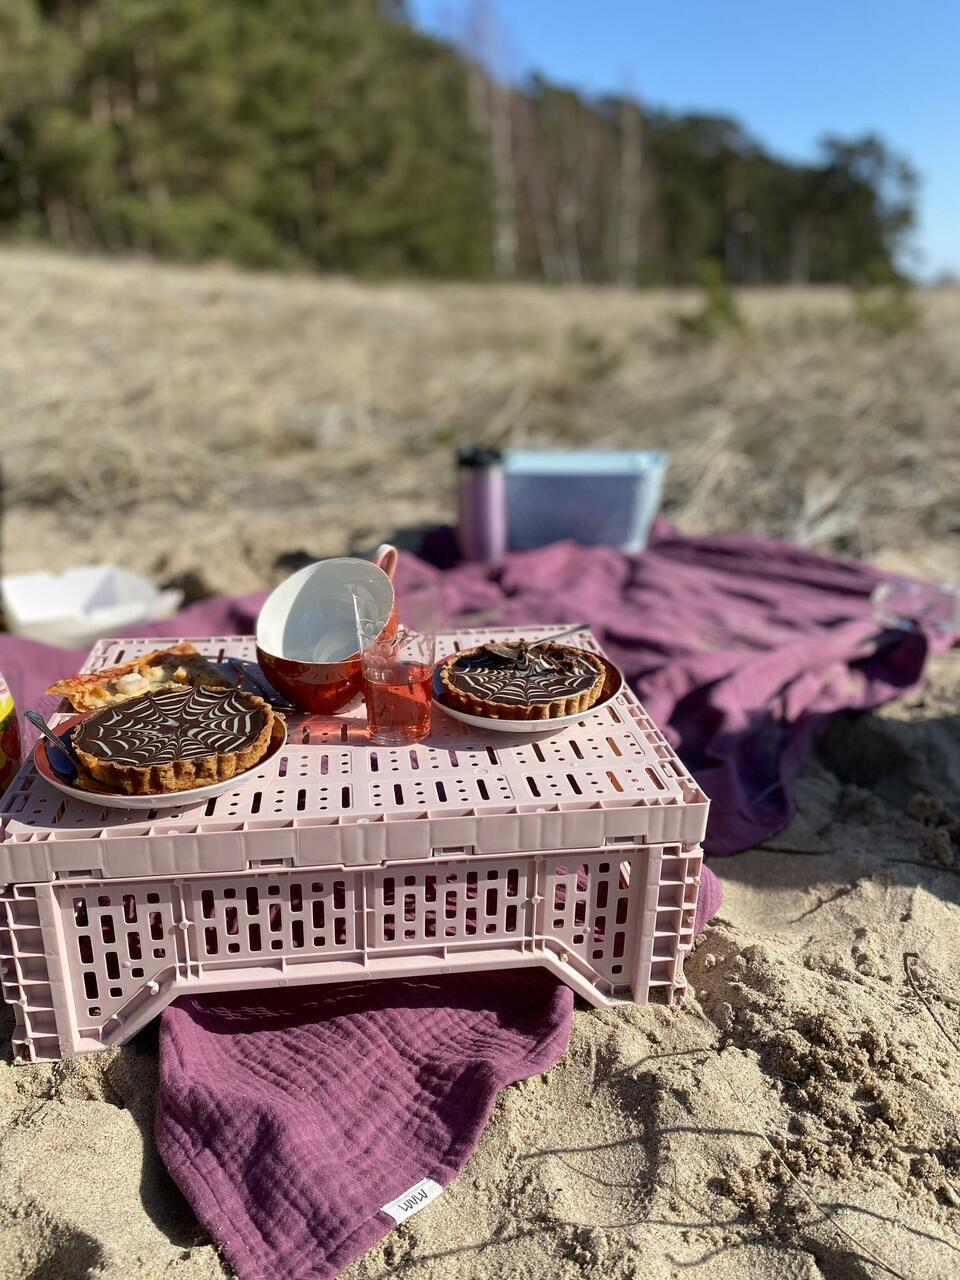 Pildil on Luulu musliintekk piknikulinana. Toon ploomililla.